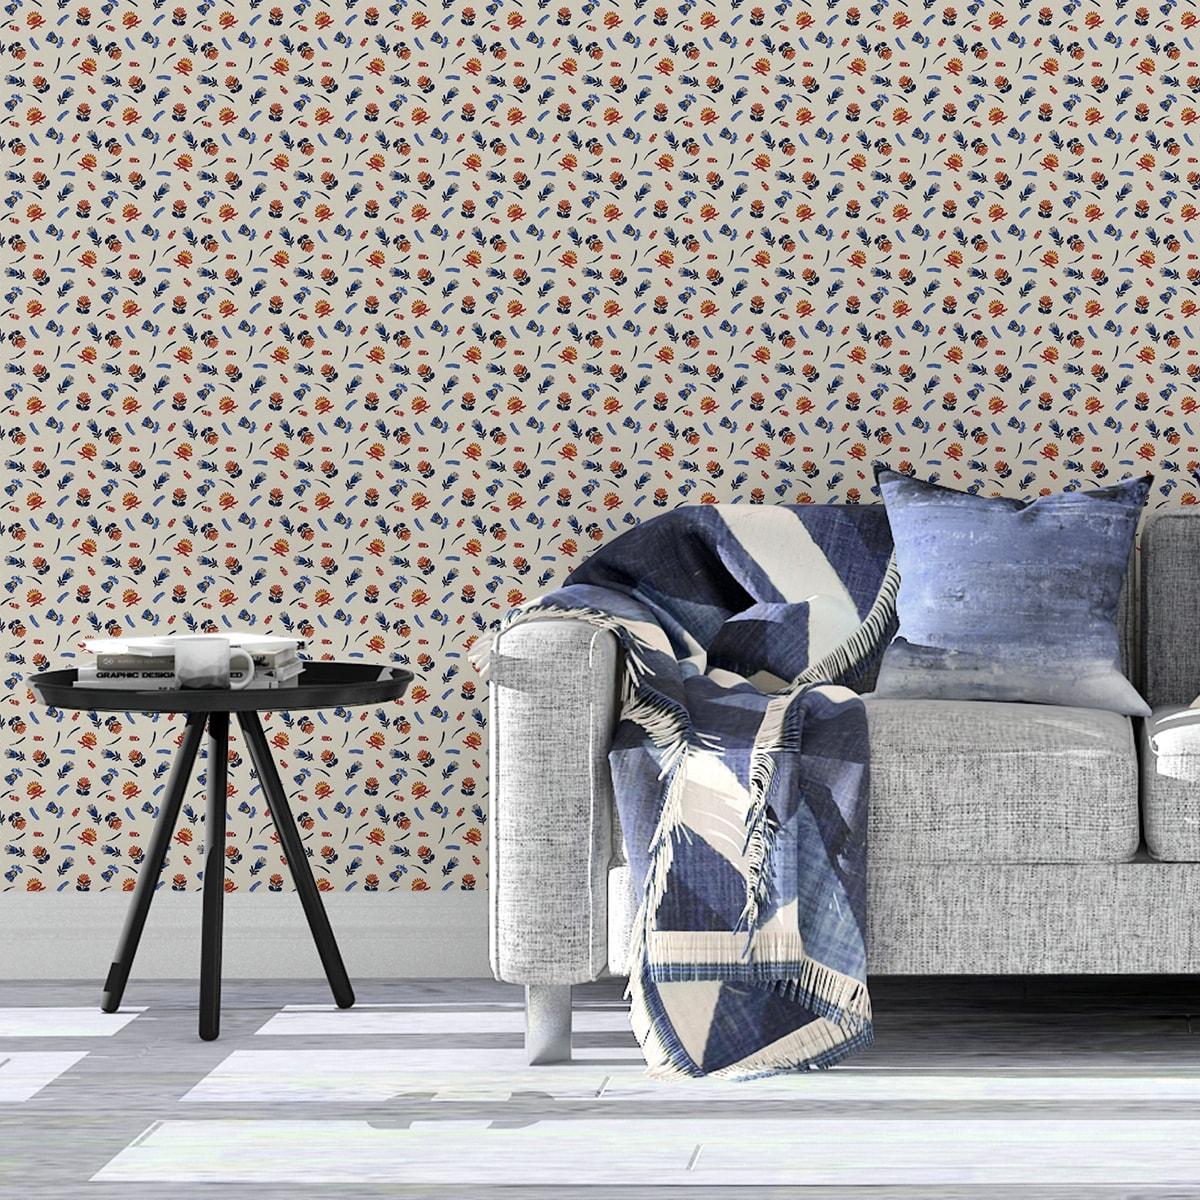 Tapete Wohnzimmer gelb: Exotische Streublümchen Tapete mit kleinen Blüten, bunte Vlies-Tapete Blumen, folklore Wanddeko für Wohnzimmer